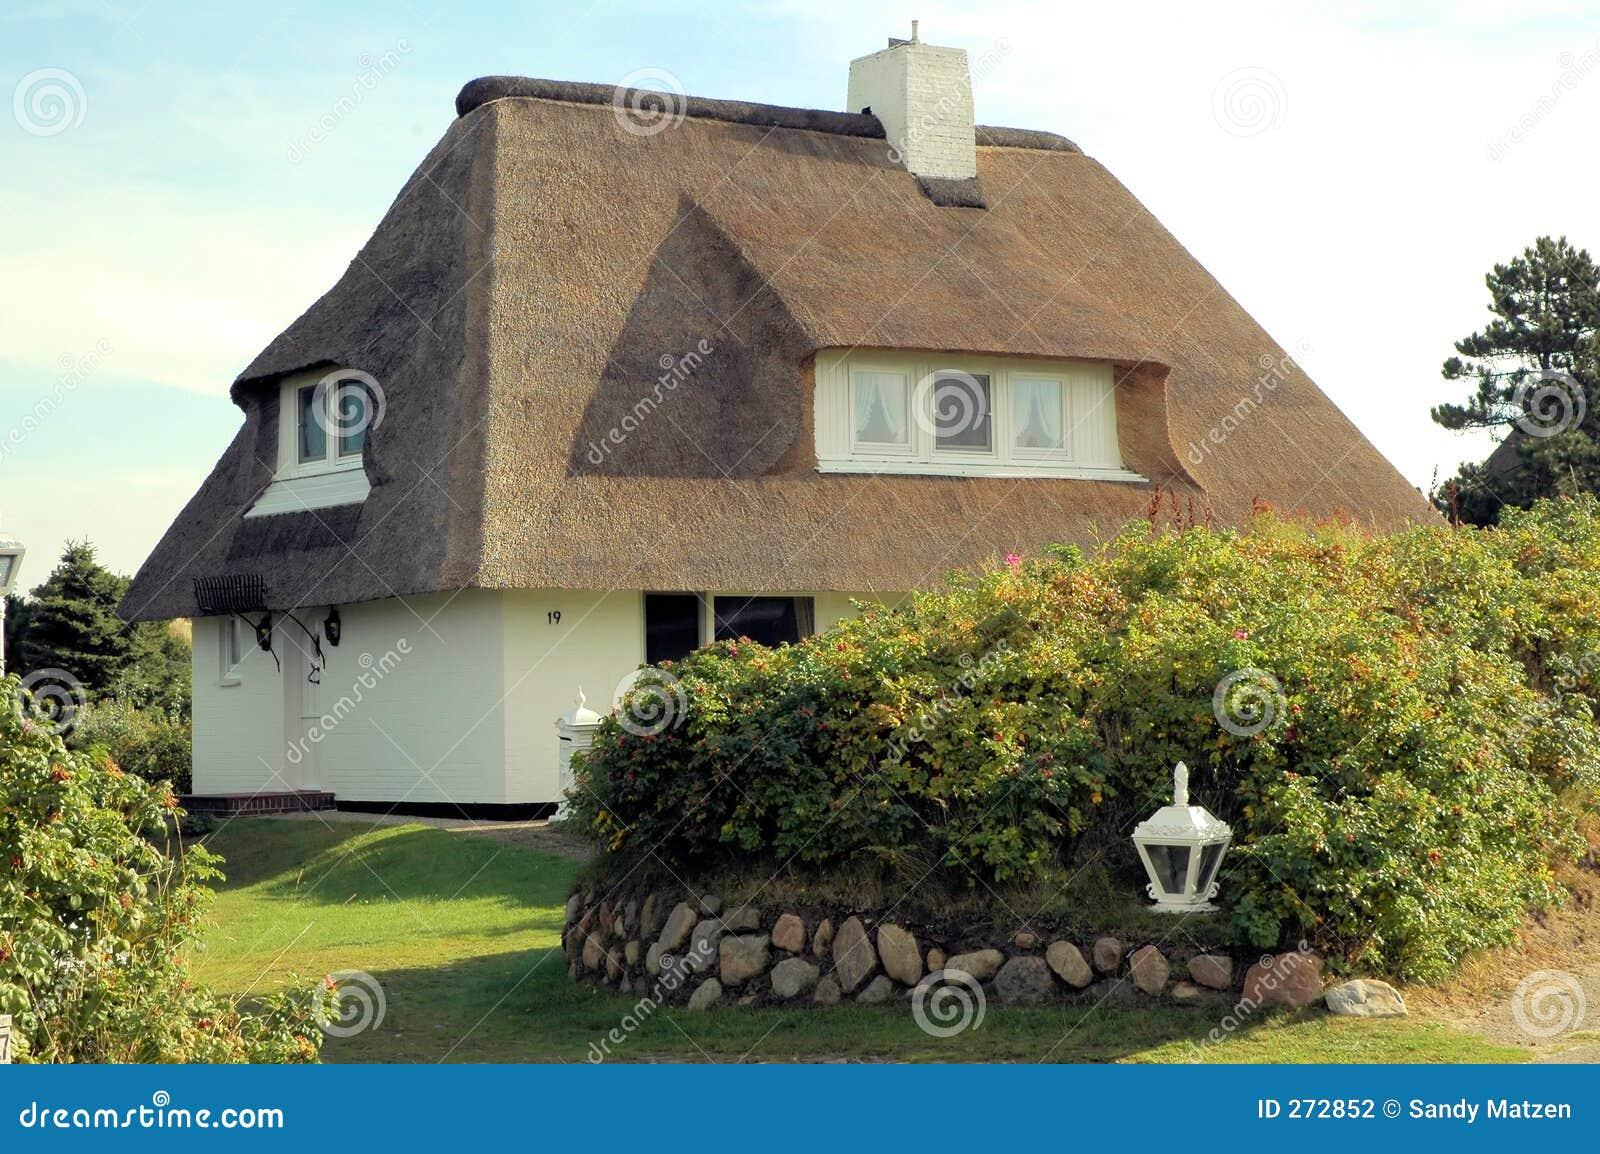 Le toit a couvert house5 de chaume